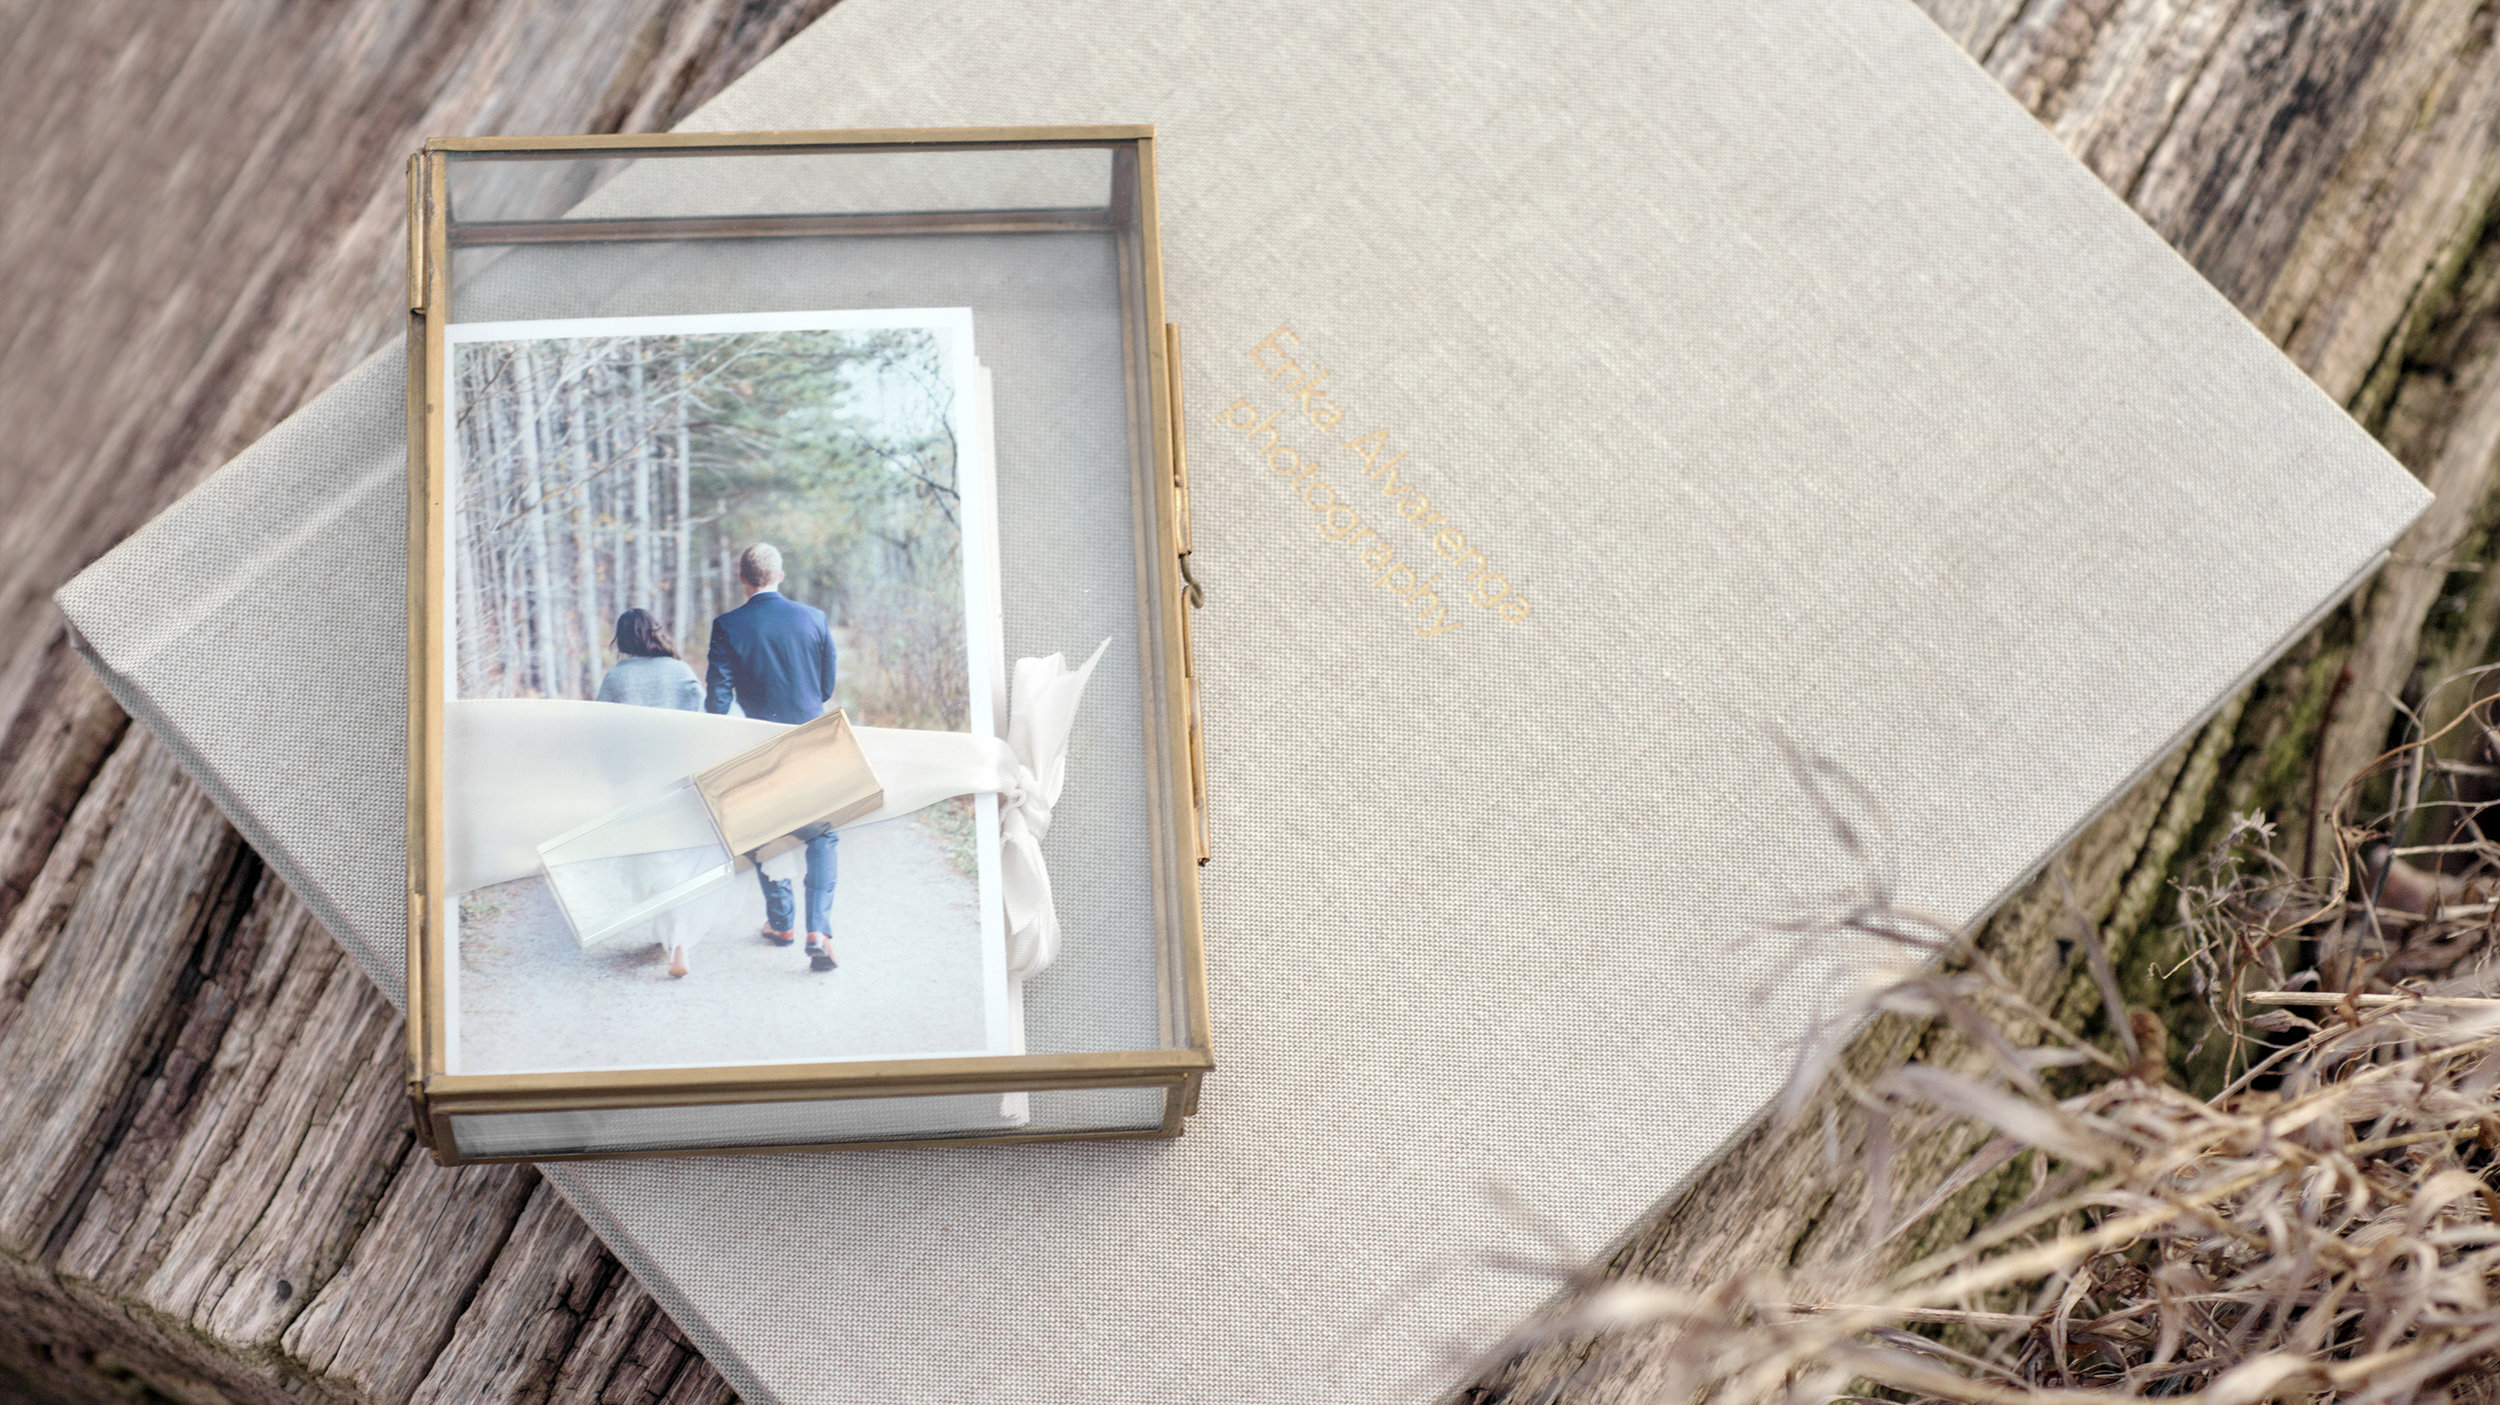 5x7 Heirloom Glass Box with Prints & Usb + 11x14 Luxurious Photo Album